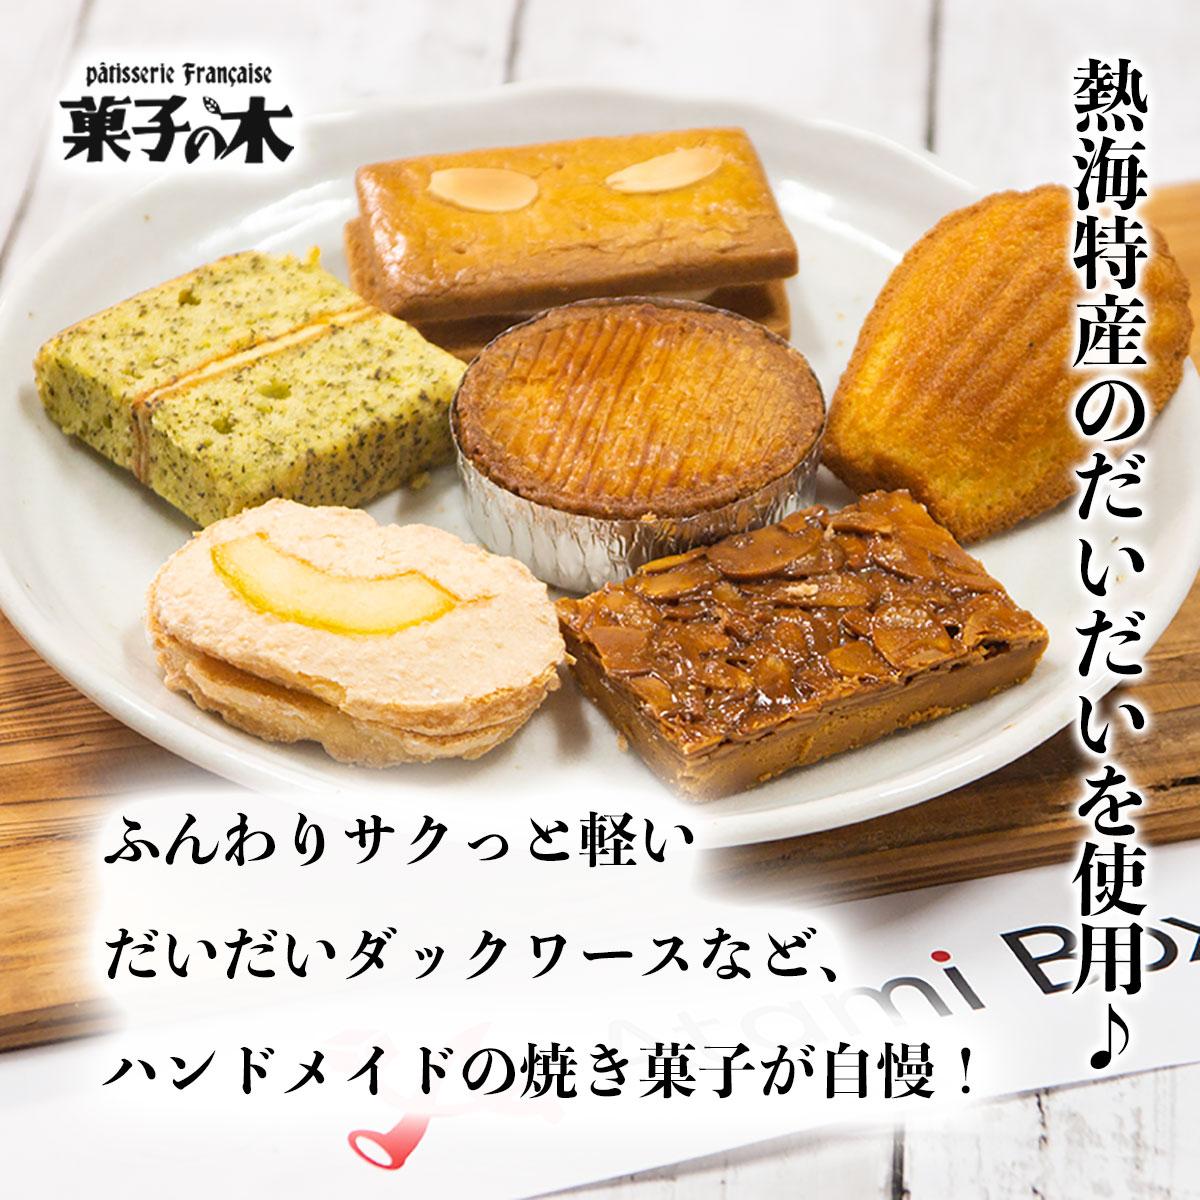 熱海菓子の木焼き菓子